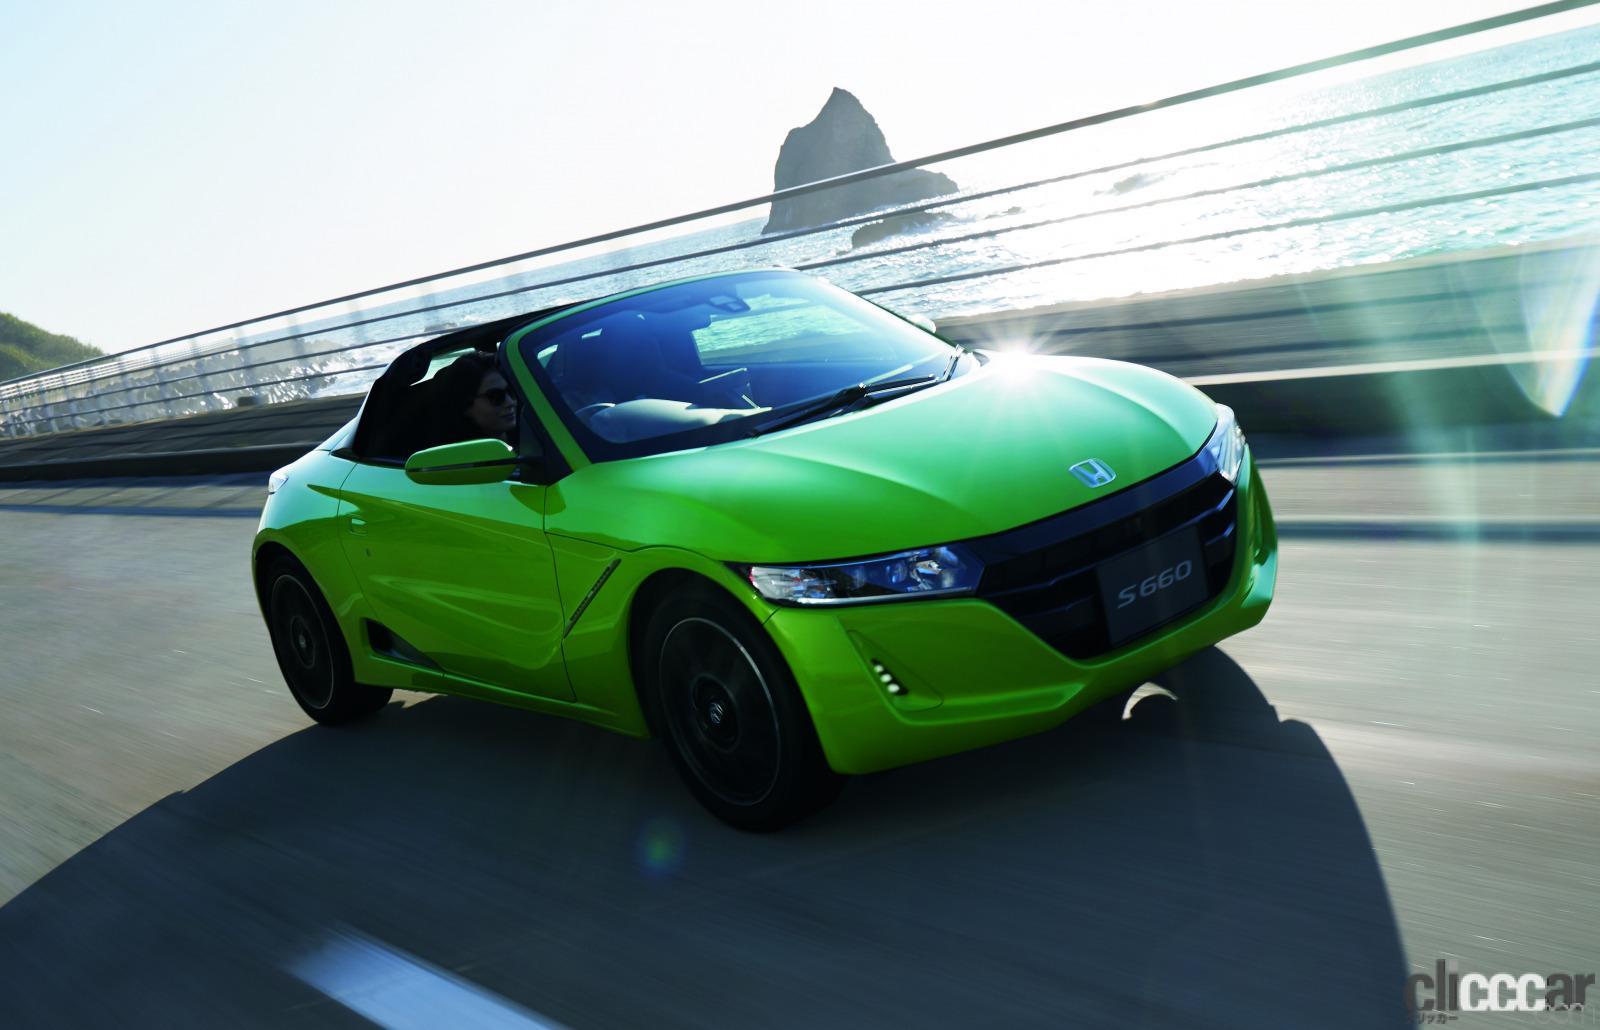 「小さくても運転が楽しい! 新車でマニュアル仕様が買える軽自動車・5選」の5枚目の画像